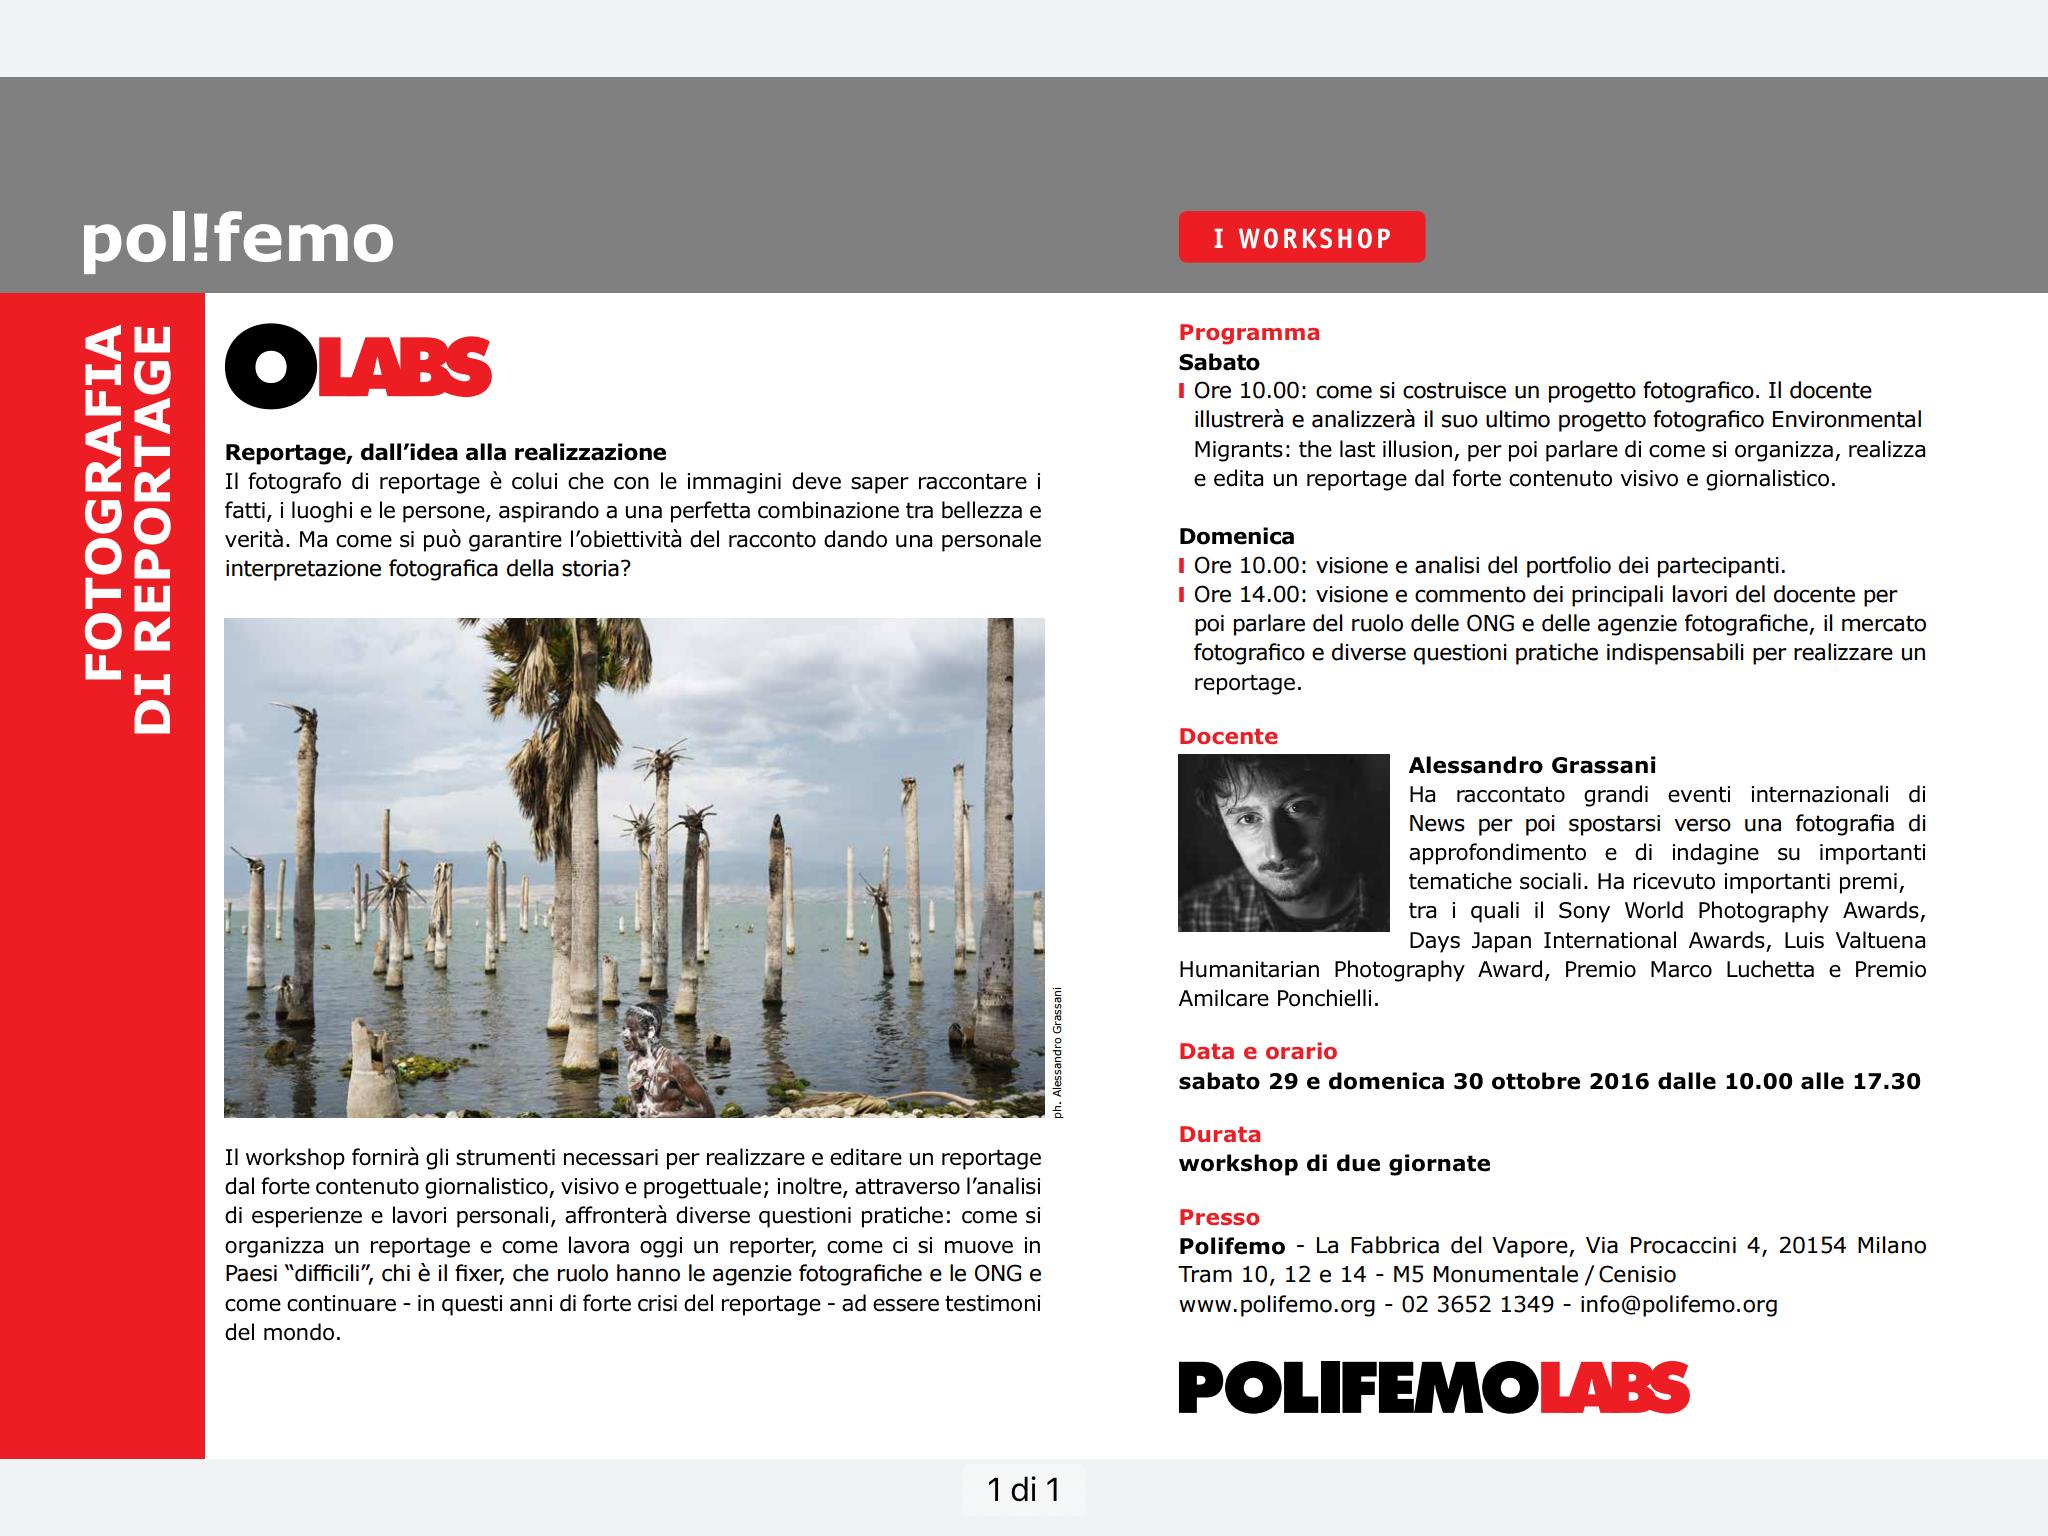 """#polifemOLABS #fotografia #workshop #Milano ALESSANDRO GRASSANI #fotogiornalismo  #reportage   29 + 30 ottobre 2016  - come si organizza un reportage - come lavora oggi un reporter - come ci si muove in Paesi """"difficili"""" - chi è il fixer - che ruolo hanno agenzie fotografiche e ONG  - come continuare ad essere testimoni del mondo  INFO: www.polifemo.org"""